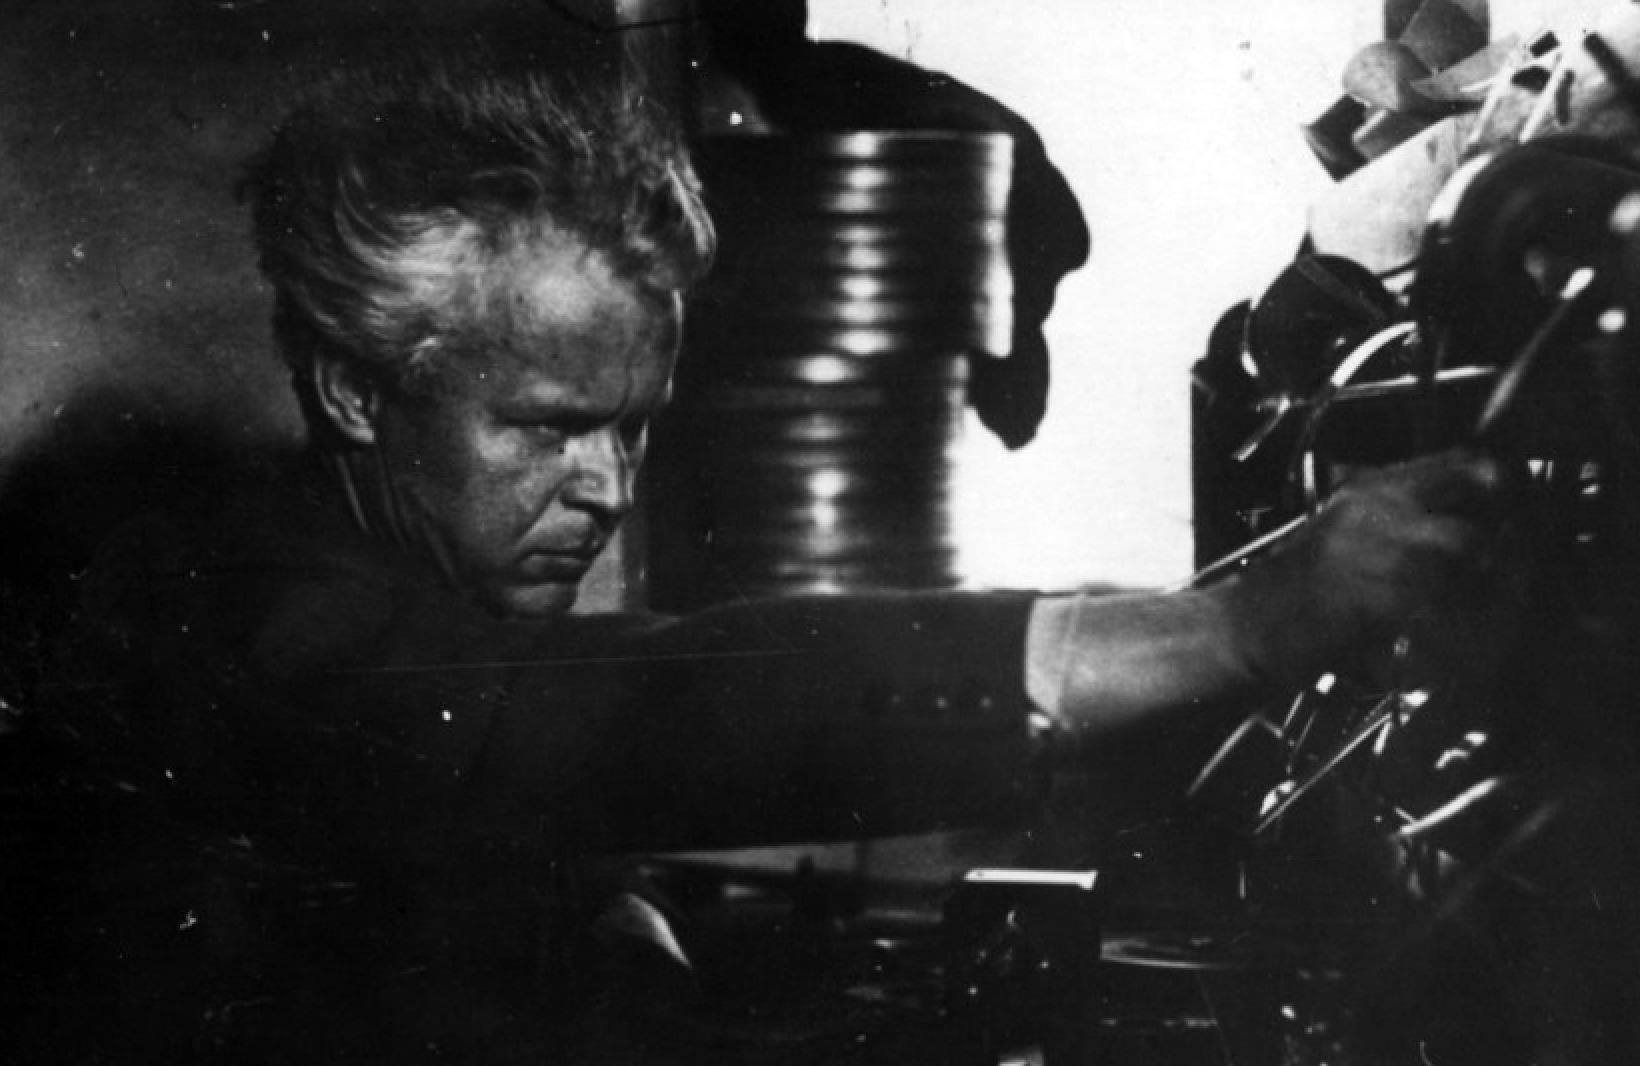 Александр Довженко на съёмках «Щорса». Фото: Музей Национальной киностудии имени Александра Довженко